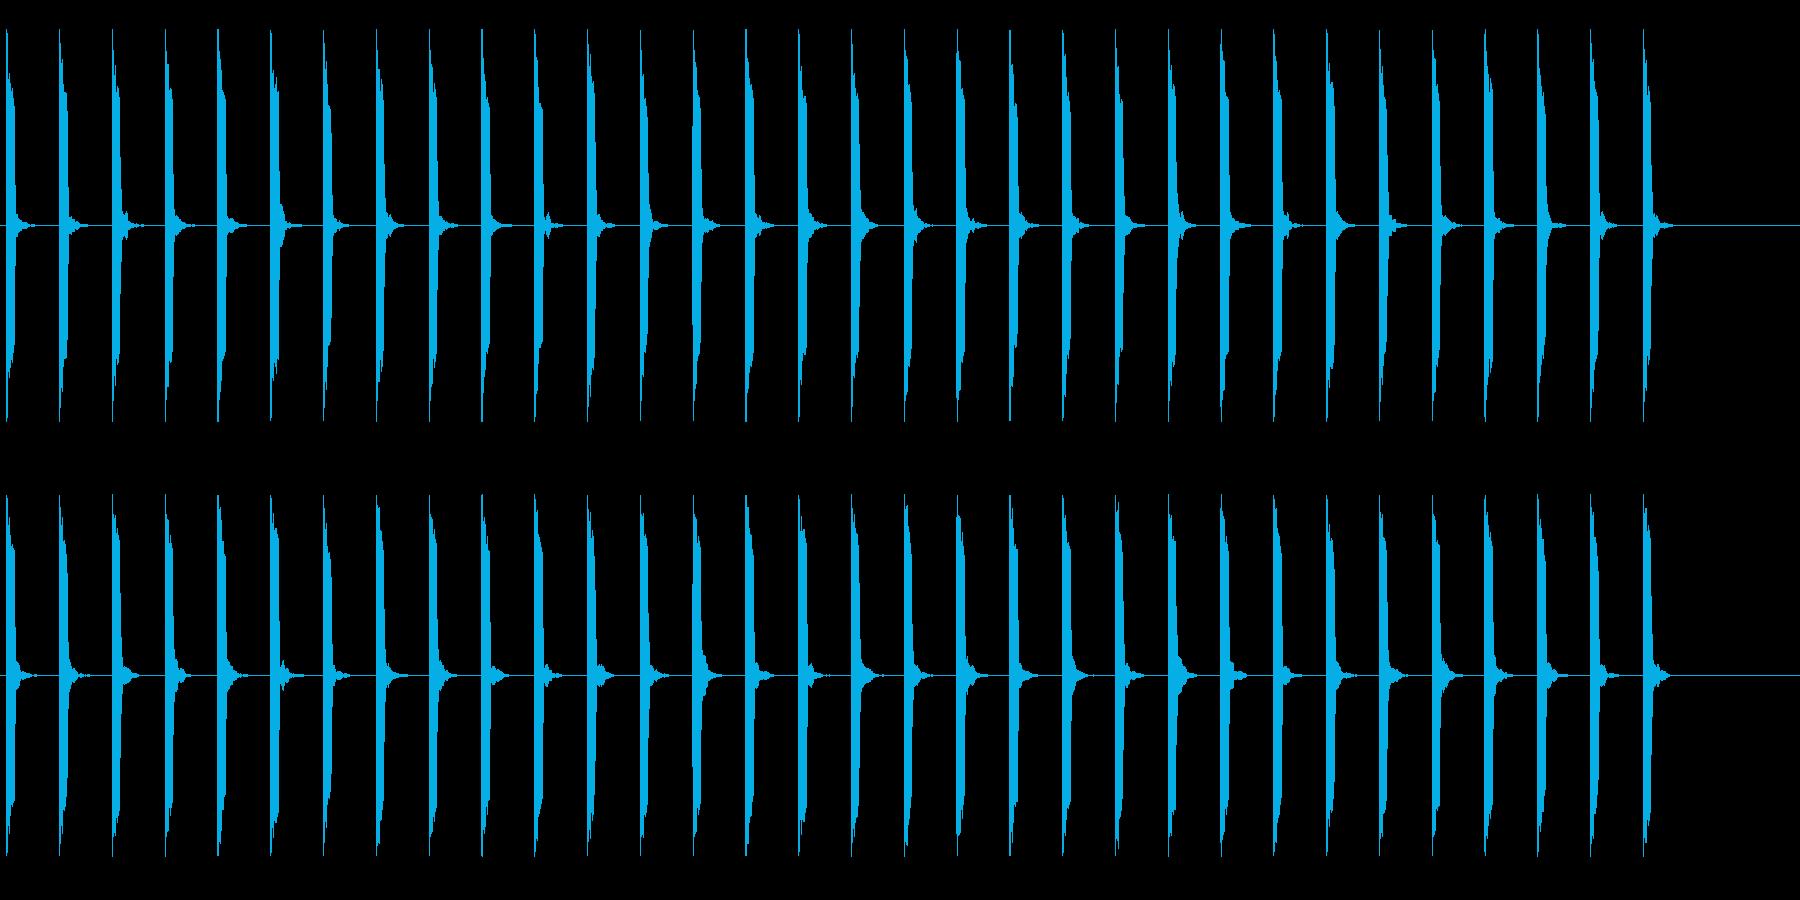 心電図の音-4-4(BPM70)の再生済みの波形